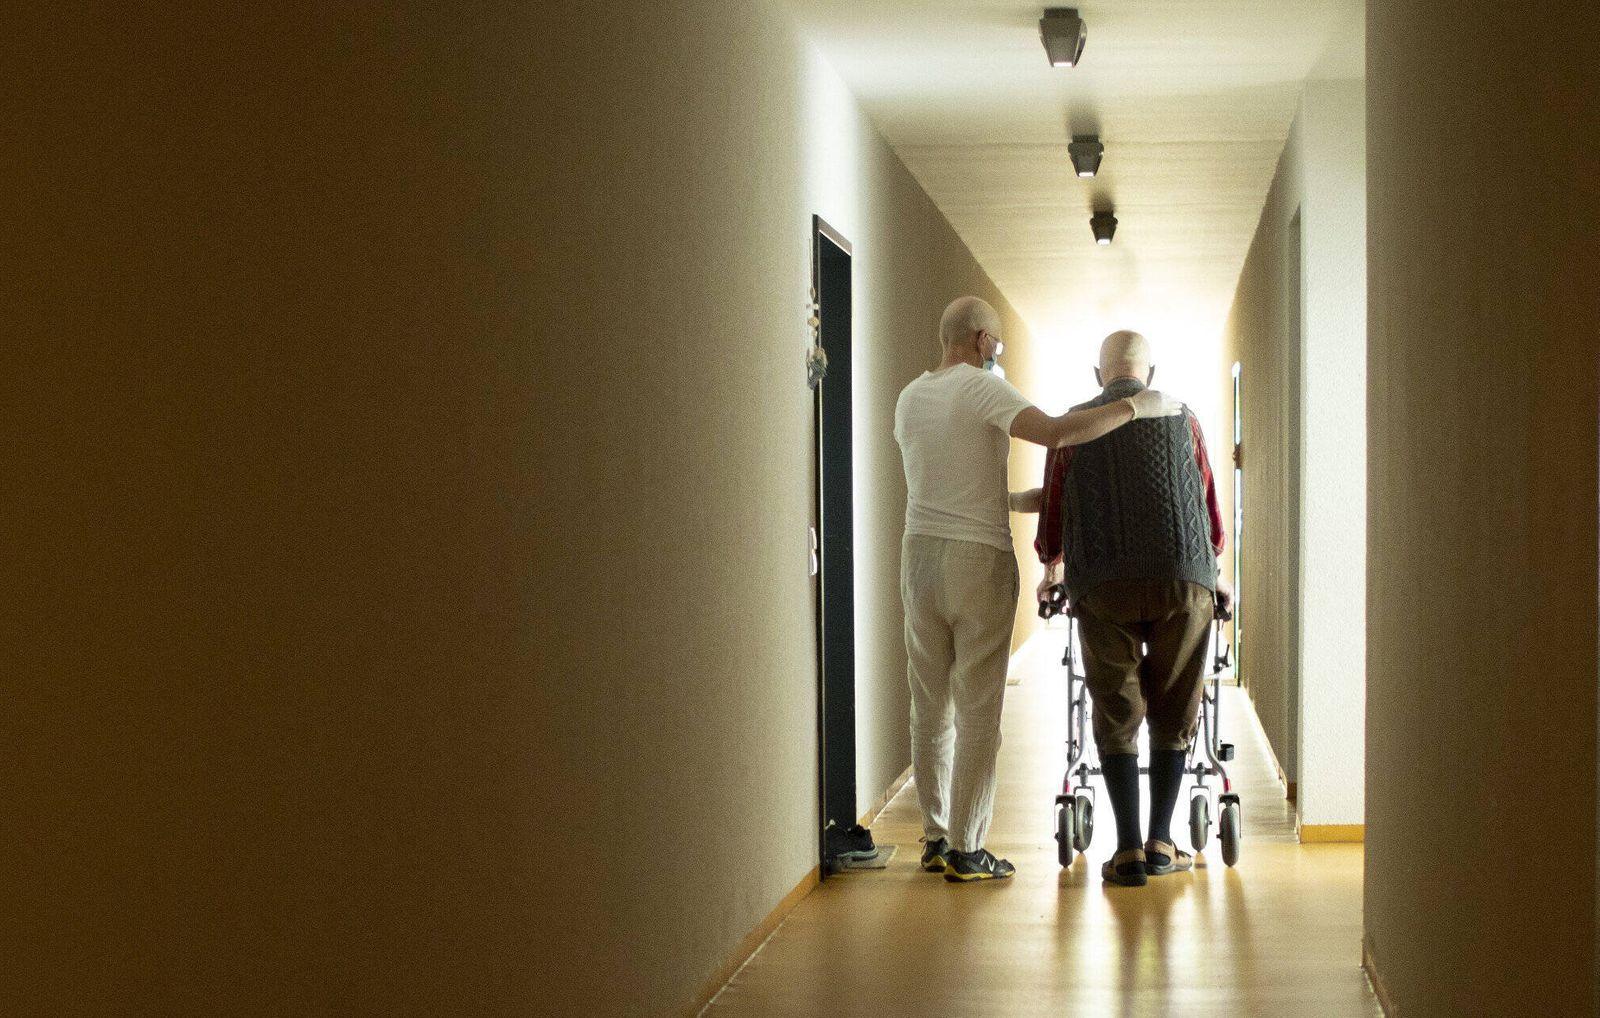 Thema: Altenpfleger und Mann mit Rollator im Hausflur, Heidelberg, 11.06.2020. Heidelberg Deutschland *** Topic geriatri